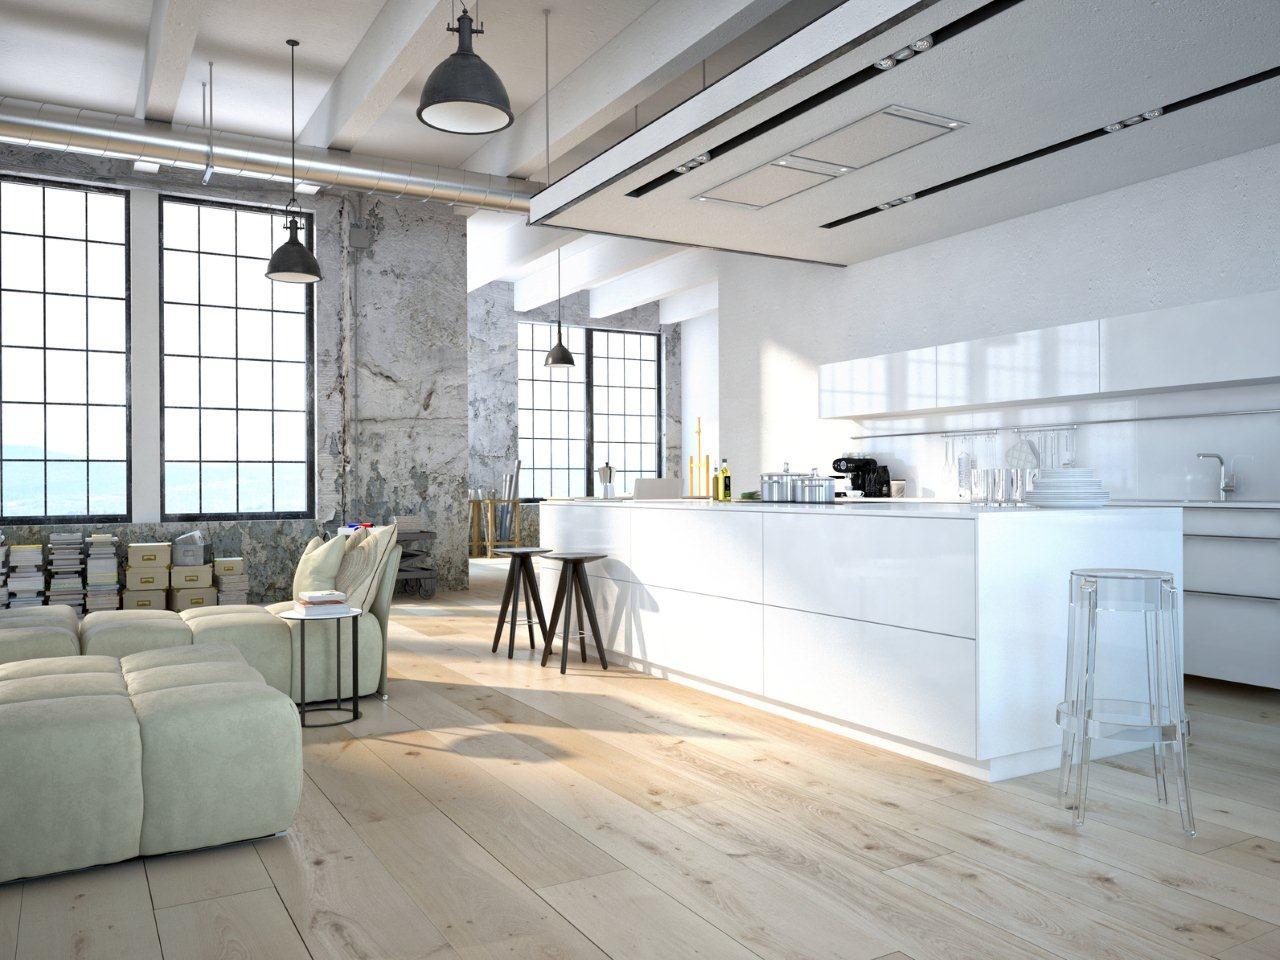 Kuchnia w stylu industrialnym kuchnia - Mezzanine woonkamer ...